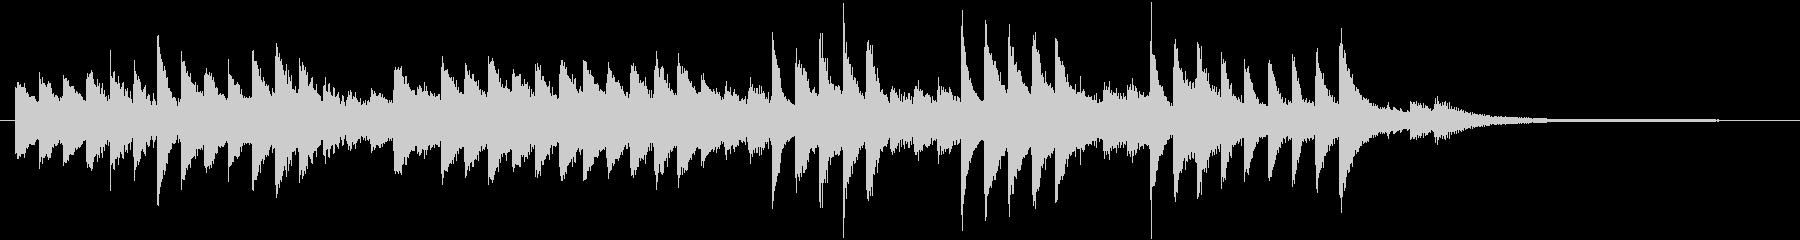 童謡・うれしいひなまつりピアノジングルCの未再生の波形